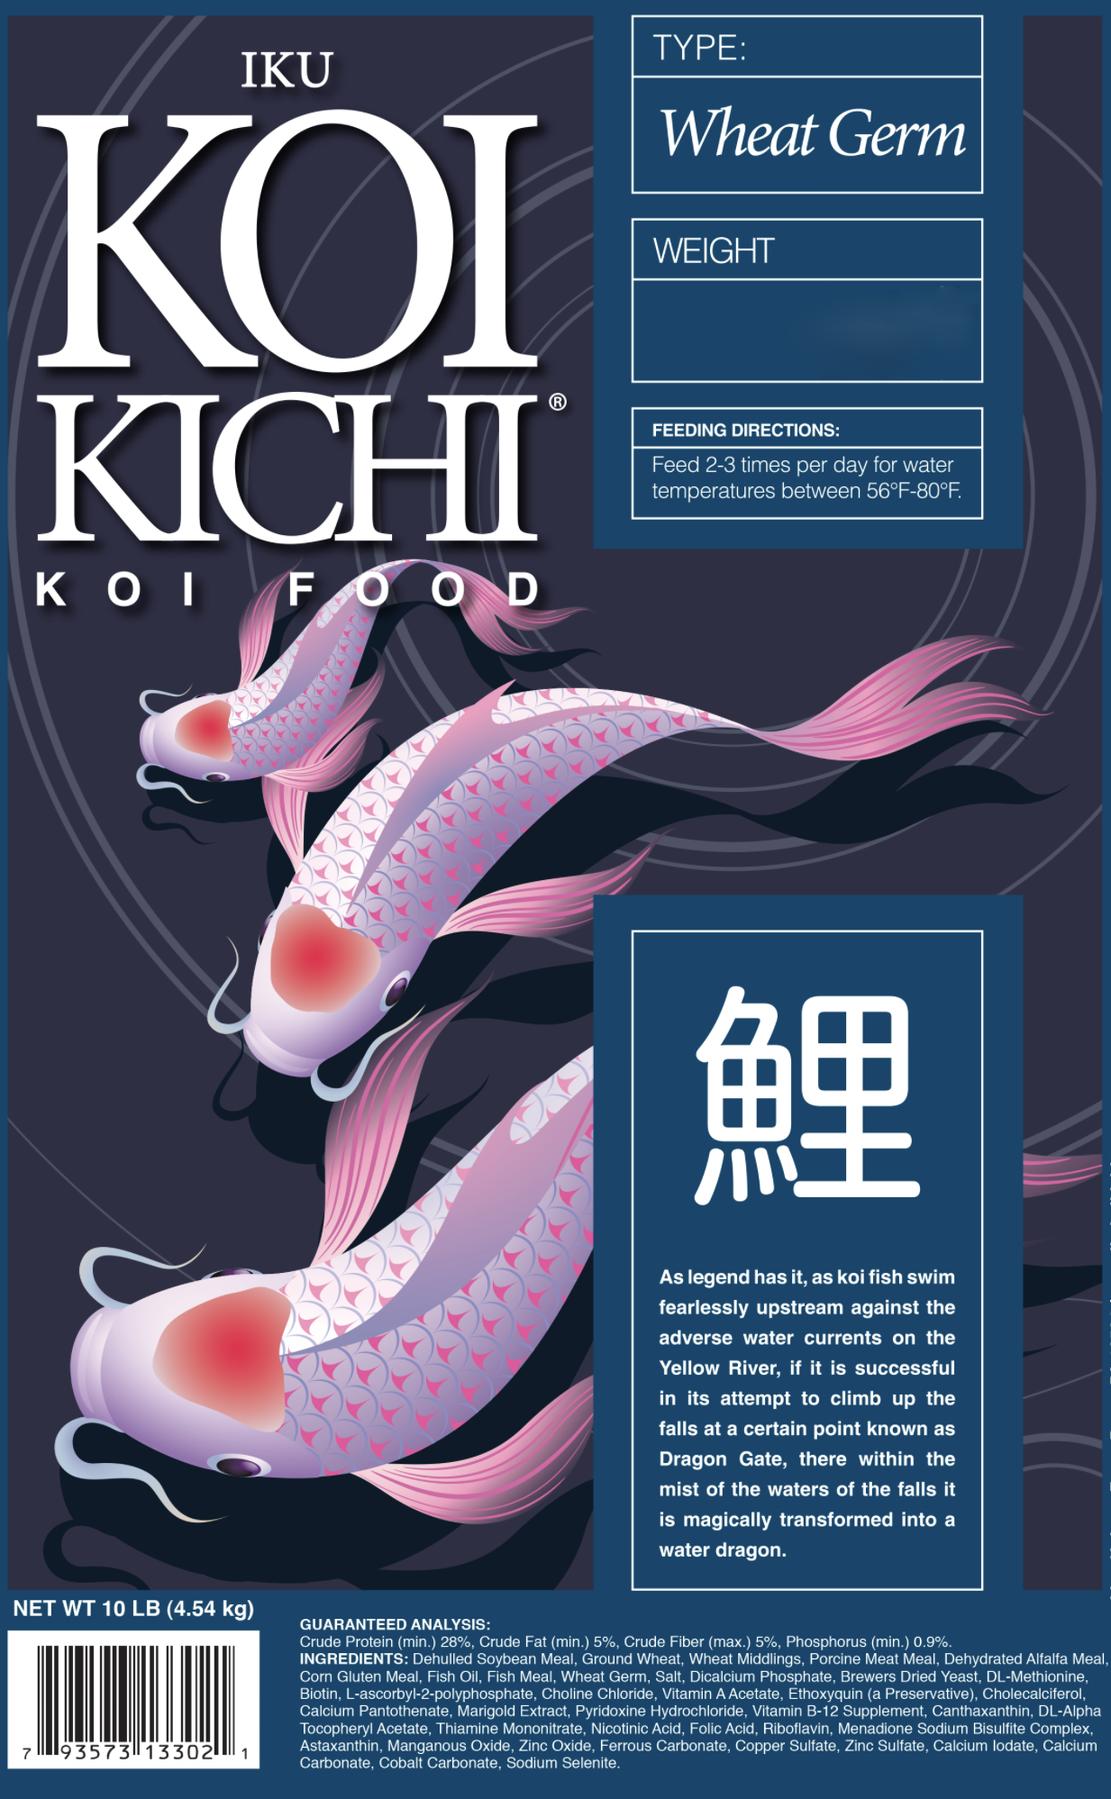 Iku Koi Kichi Wheat Germ Koi Fish Food - 16 lbs. (Bucket)